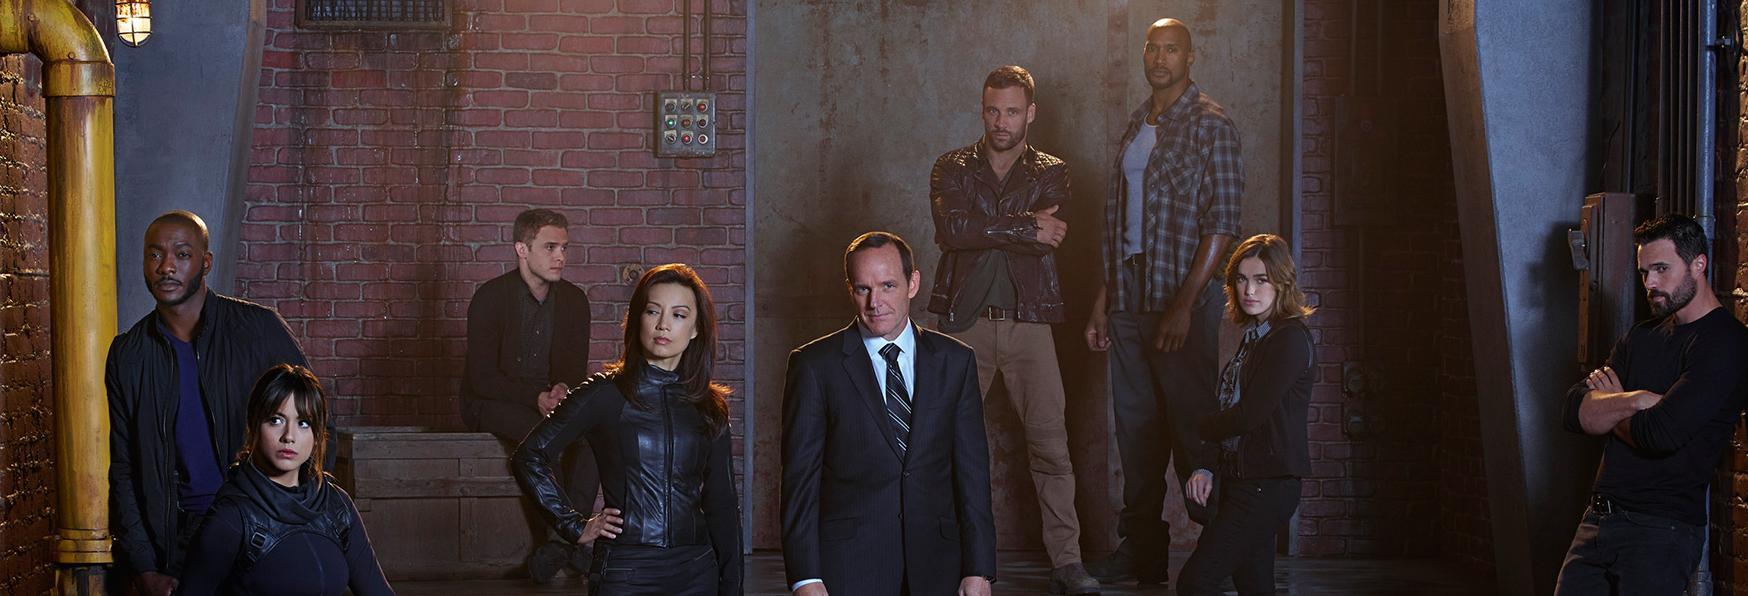 Agents of S.H.I.E.L.D. 7: il nuovo Spot incentrato sull'Agente May